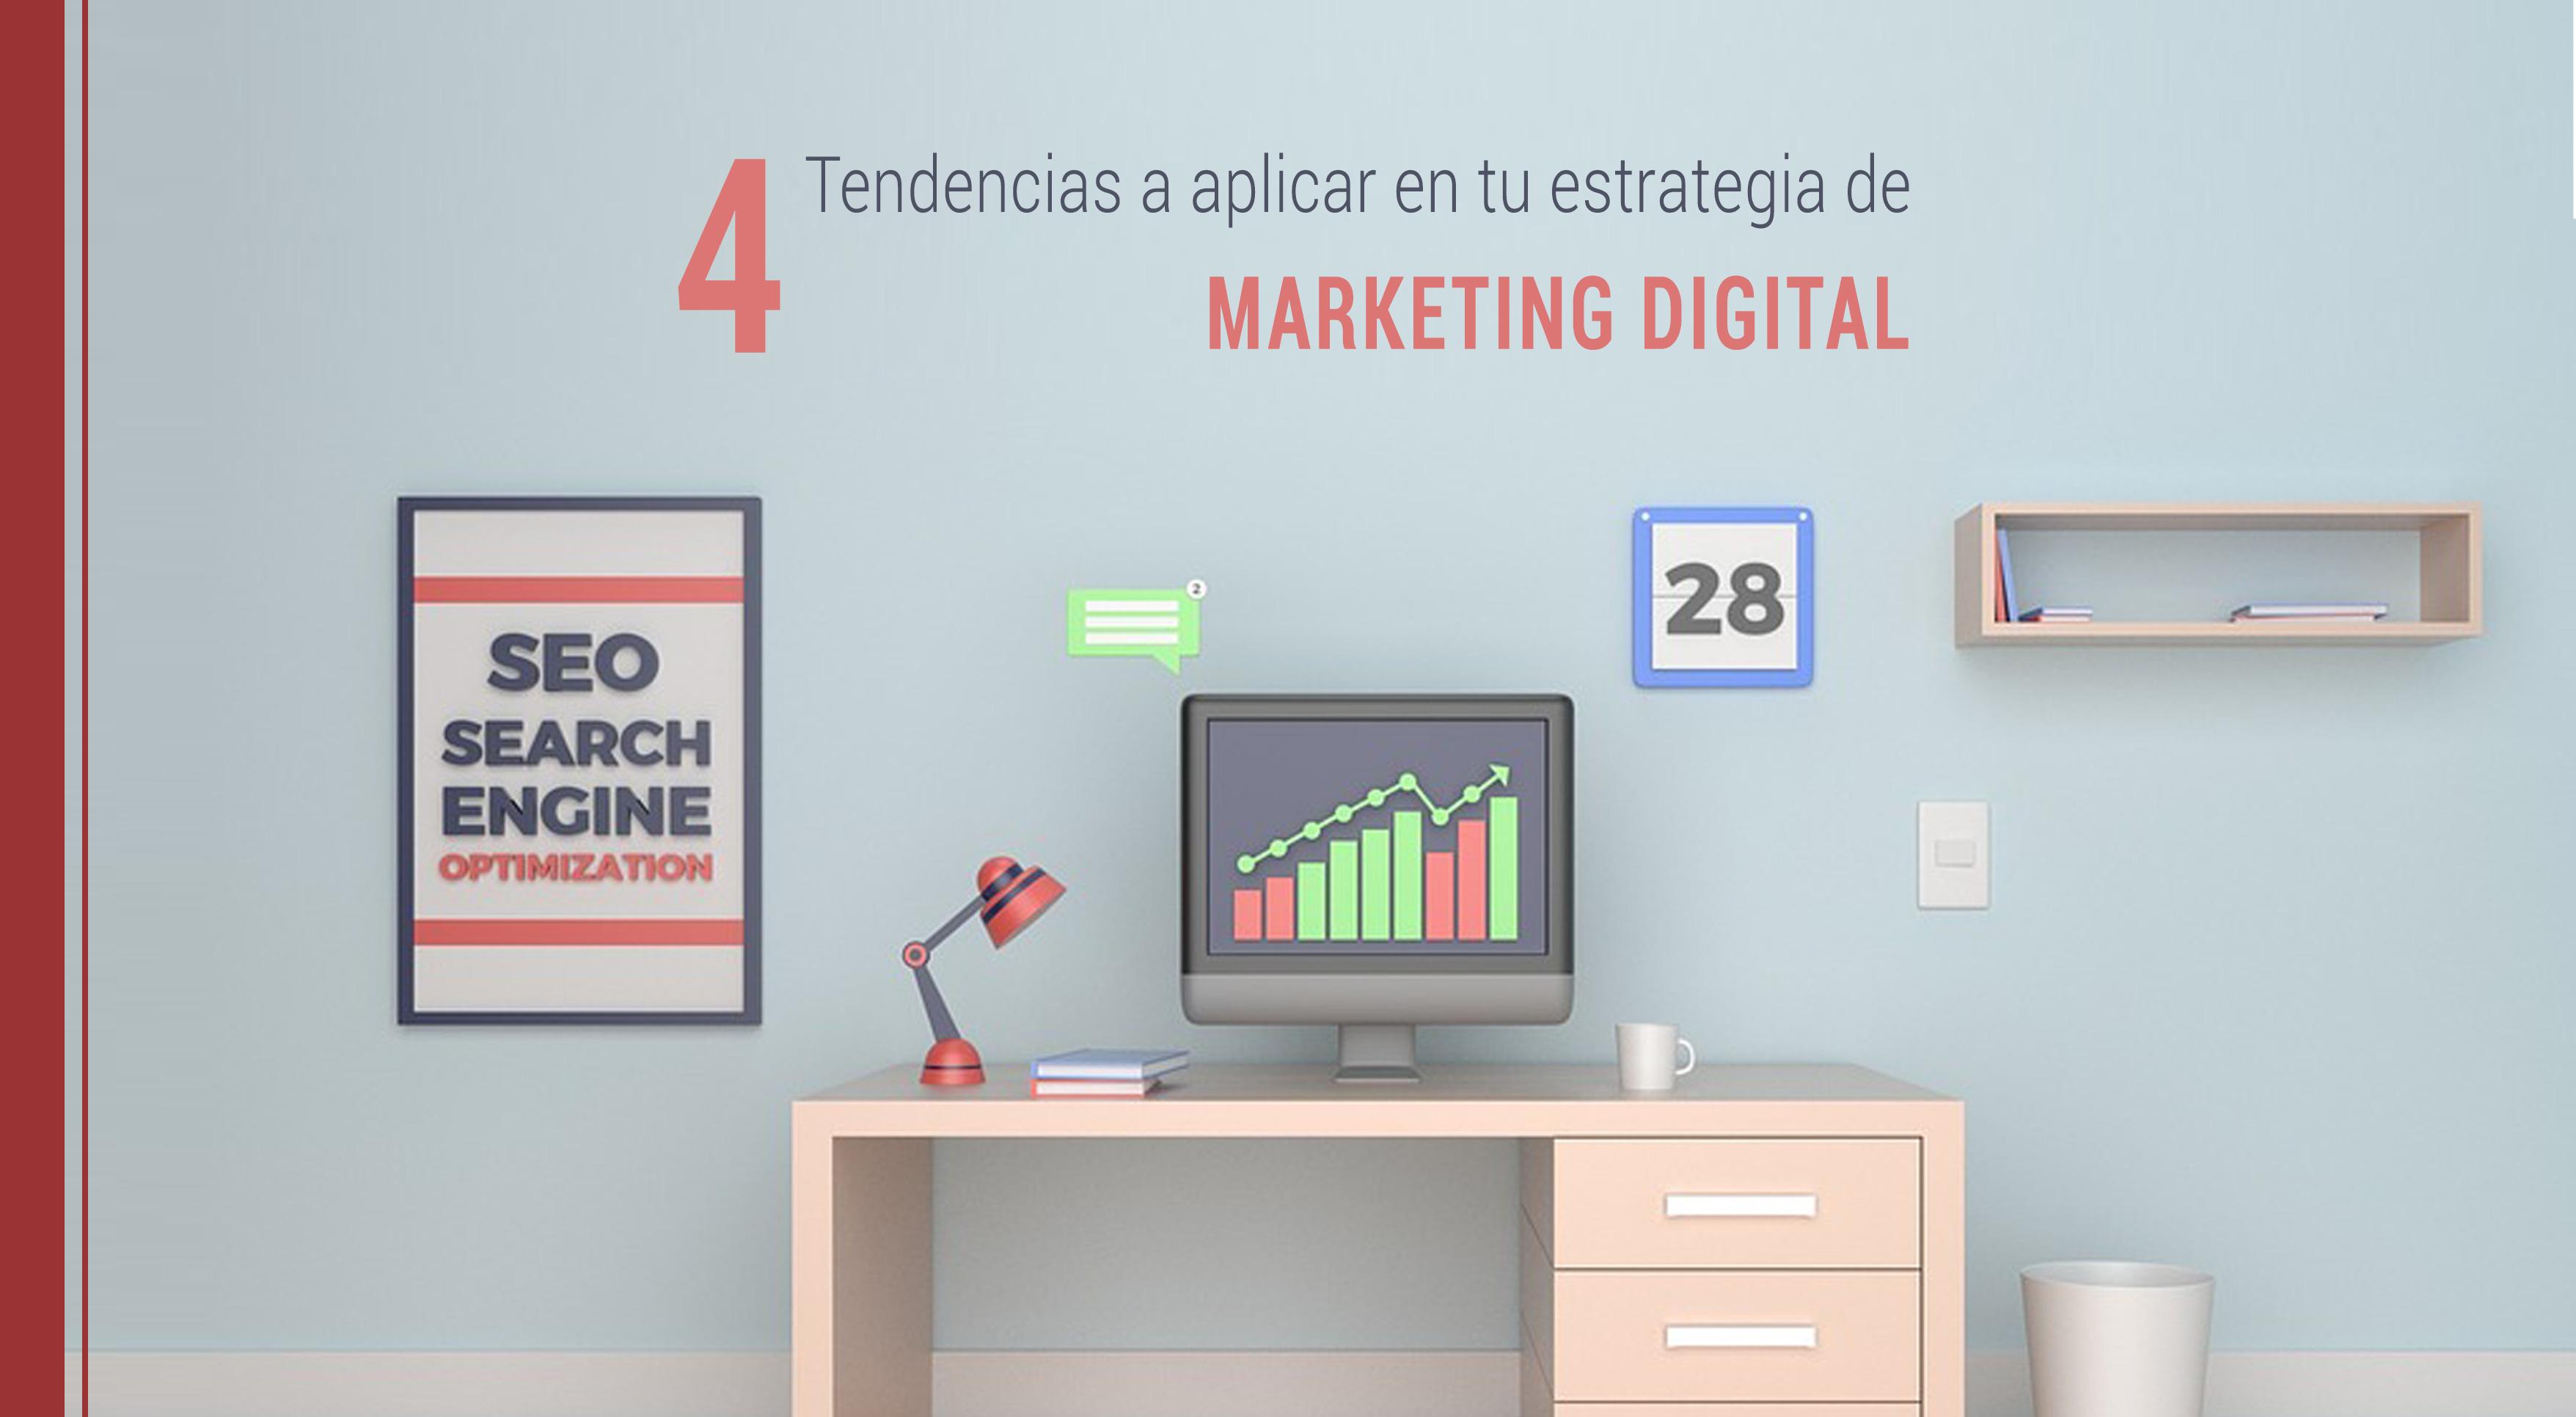 tendencias en la estrategia de marketing digital